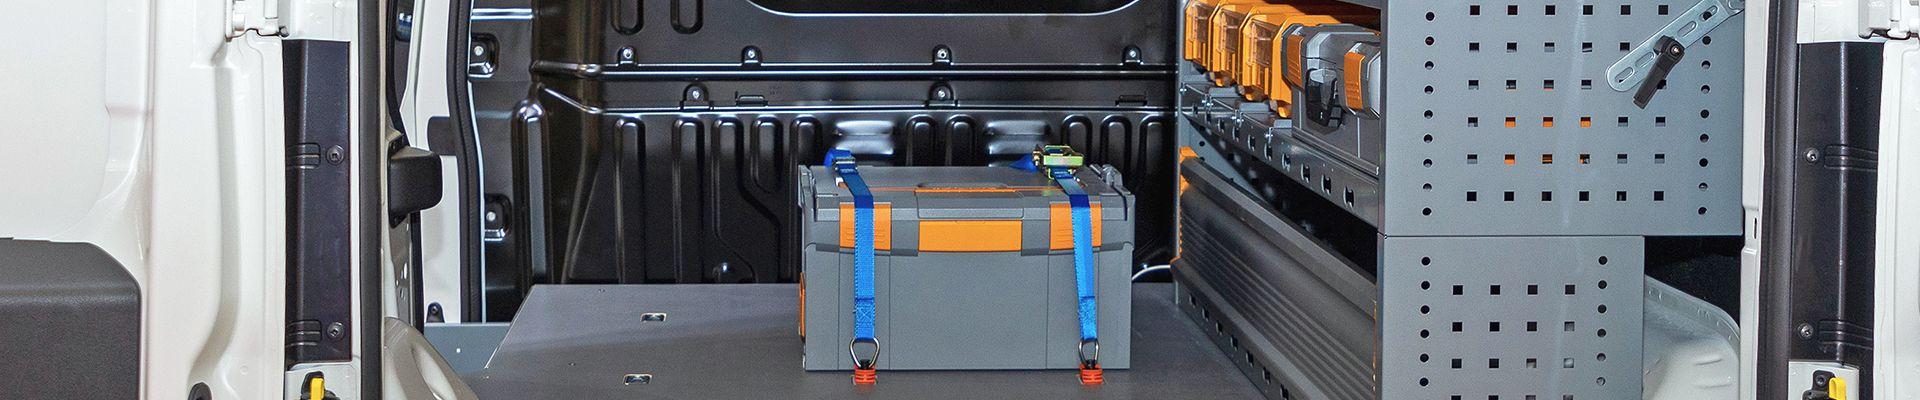 Van Accessories Hero Result - Vans Northwest Ltd